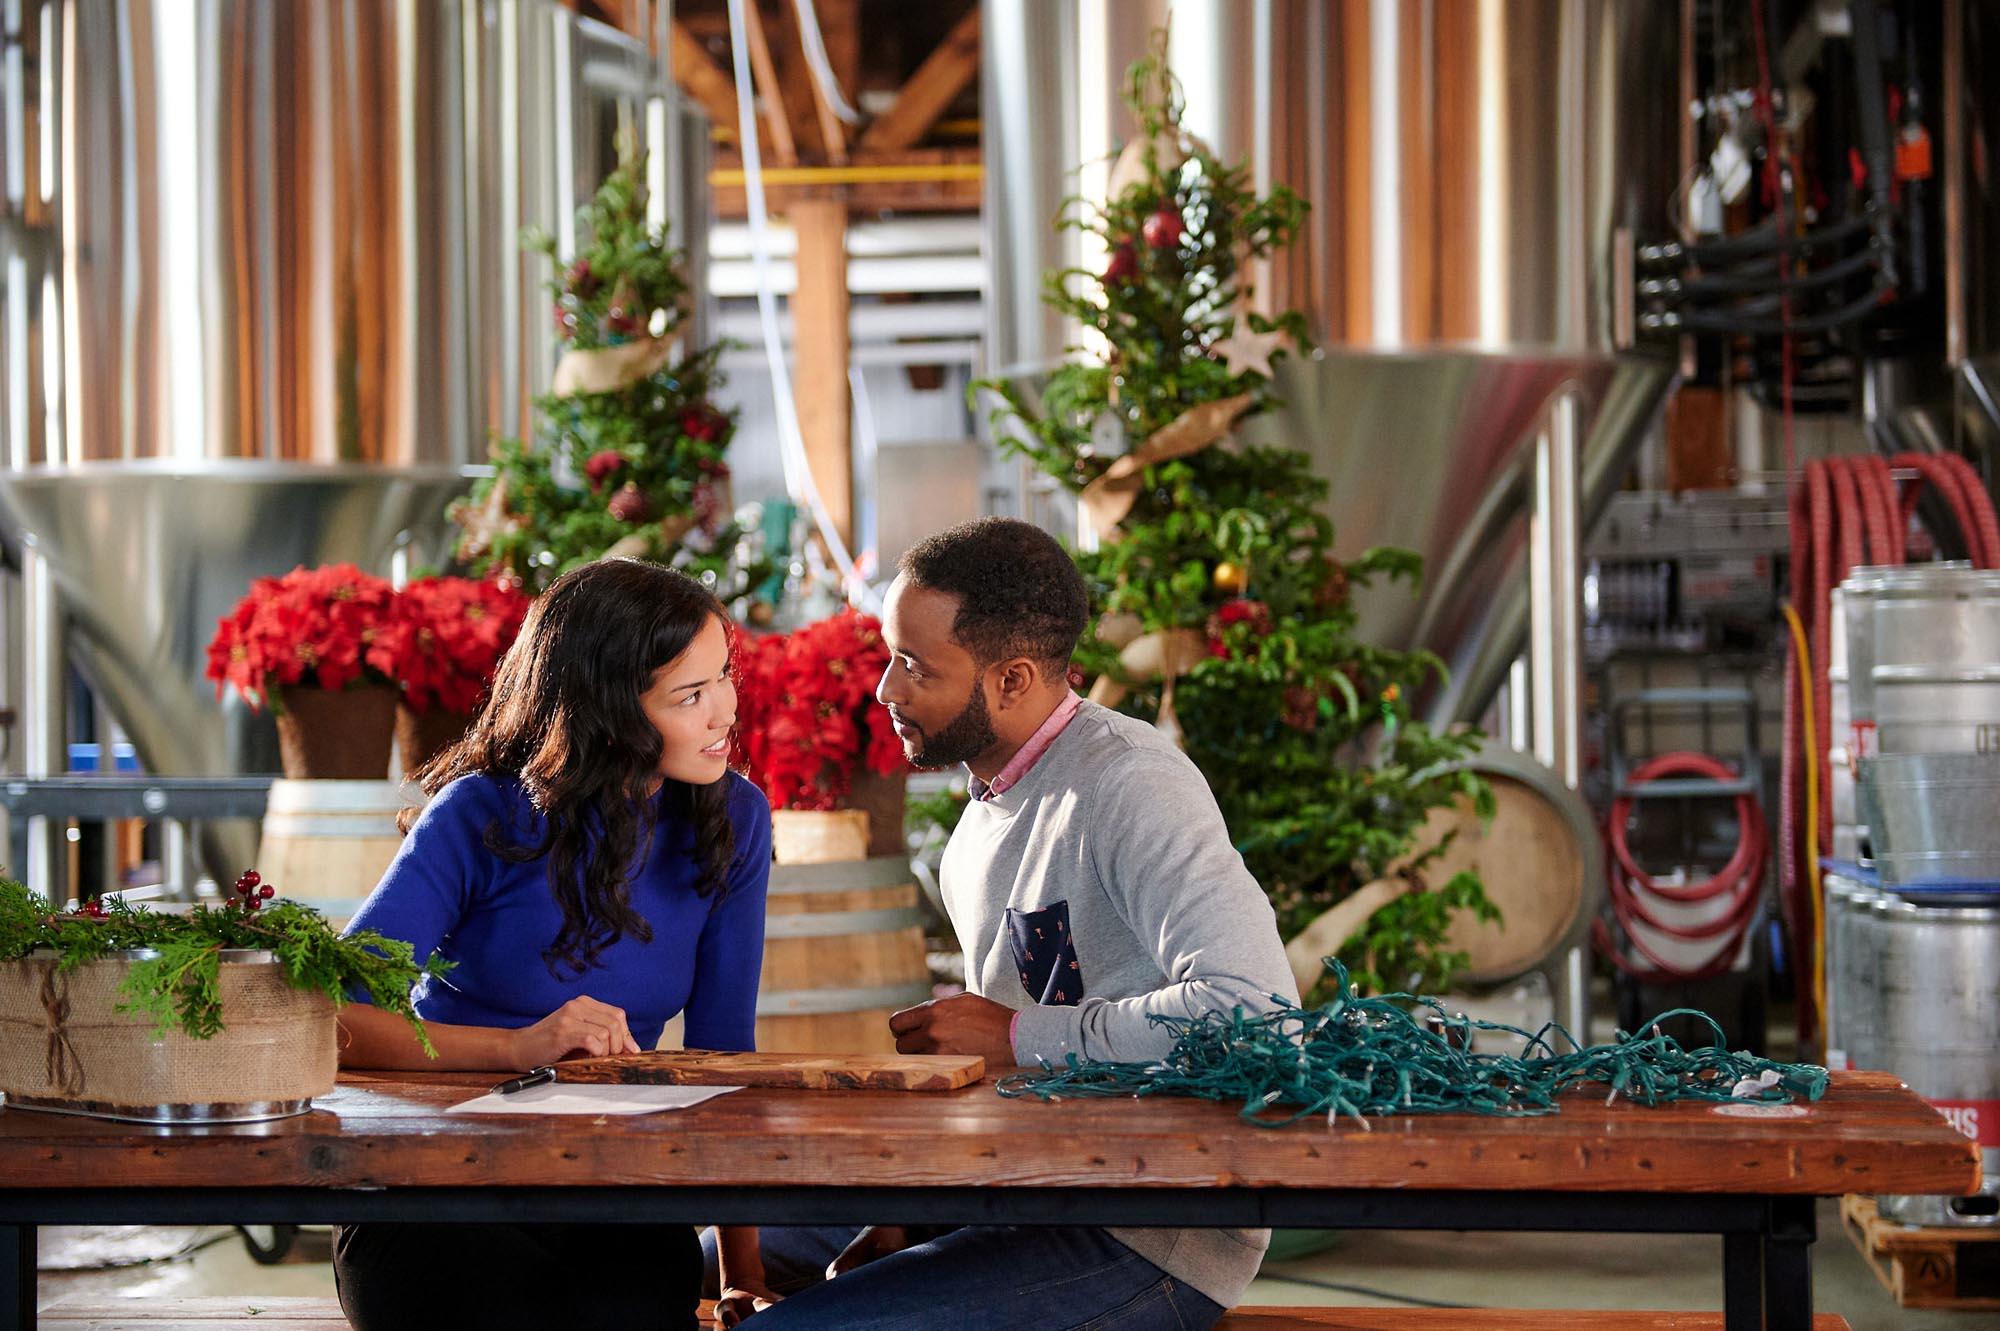 2021 Lifetime Christmas Movies - Saying Yes to Christmas